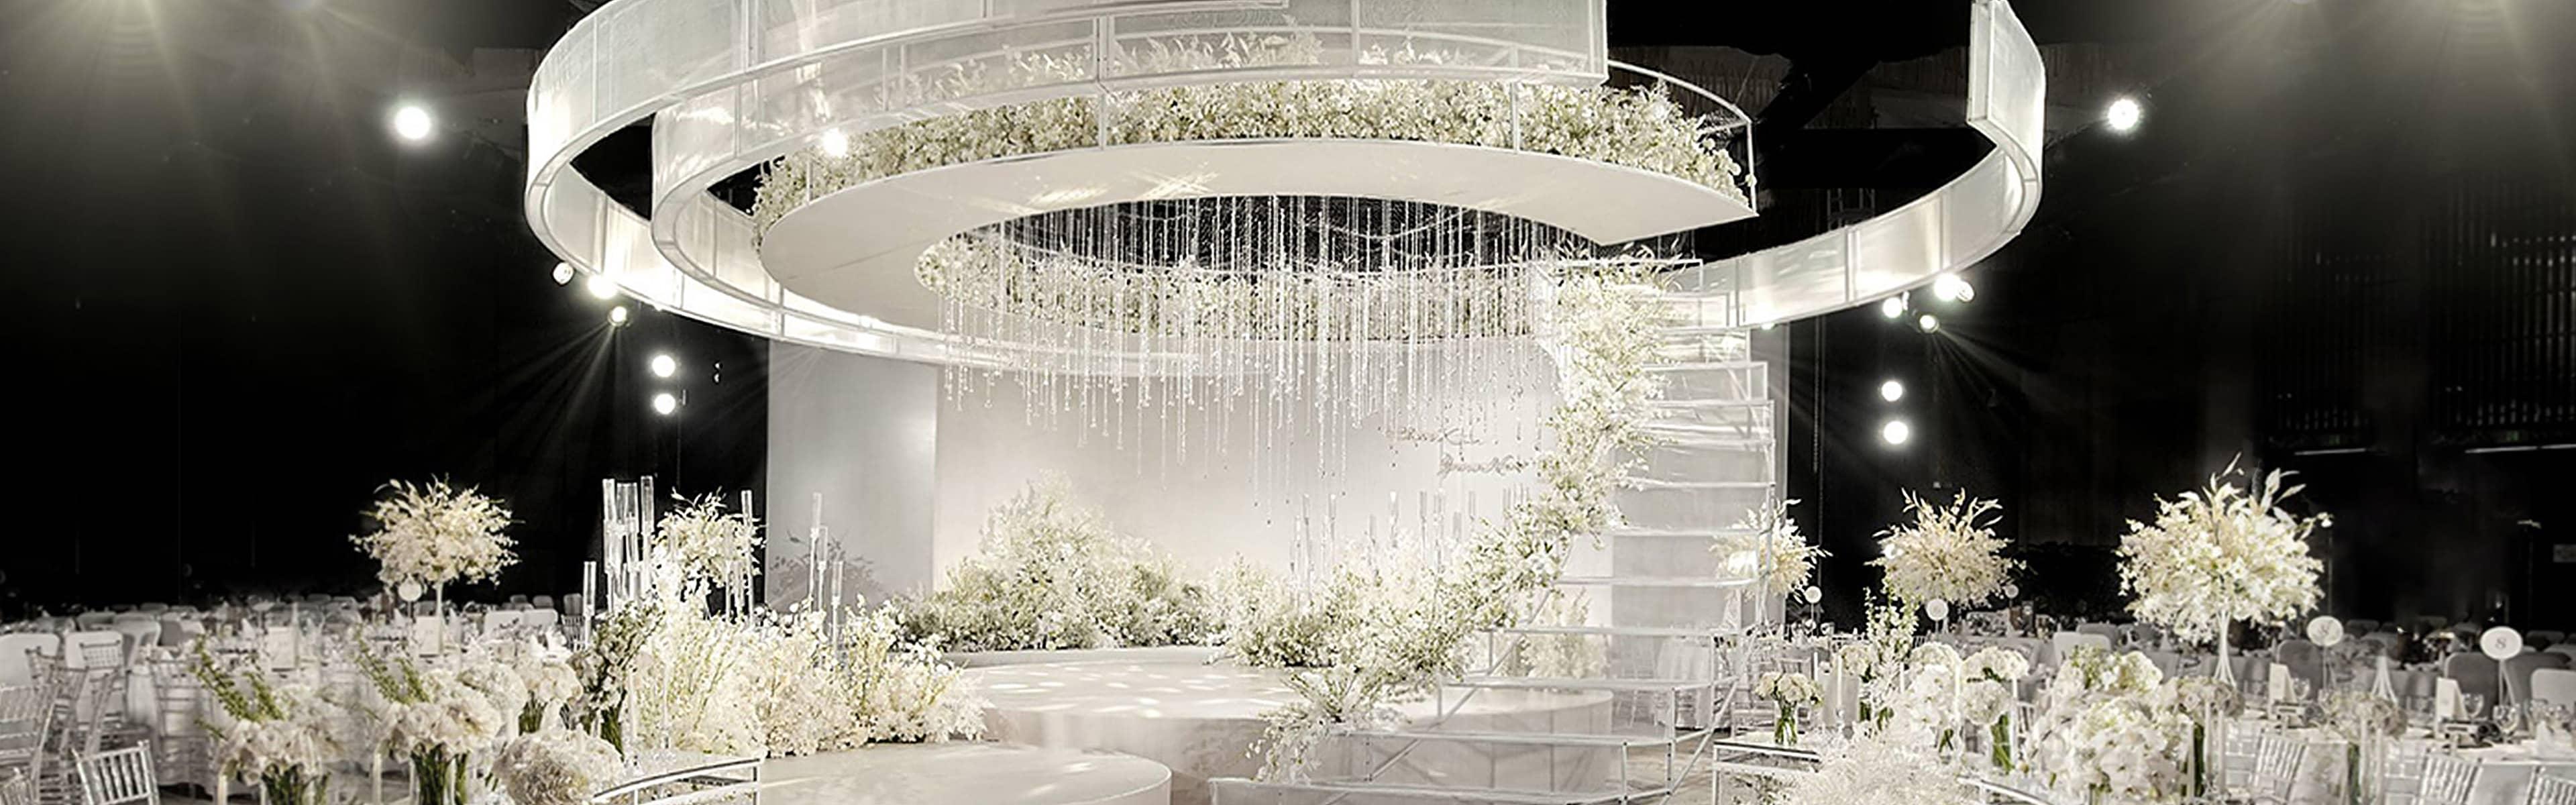 东阳市婚庆策划案例:Eternity | 湖南 长沙